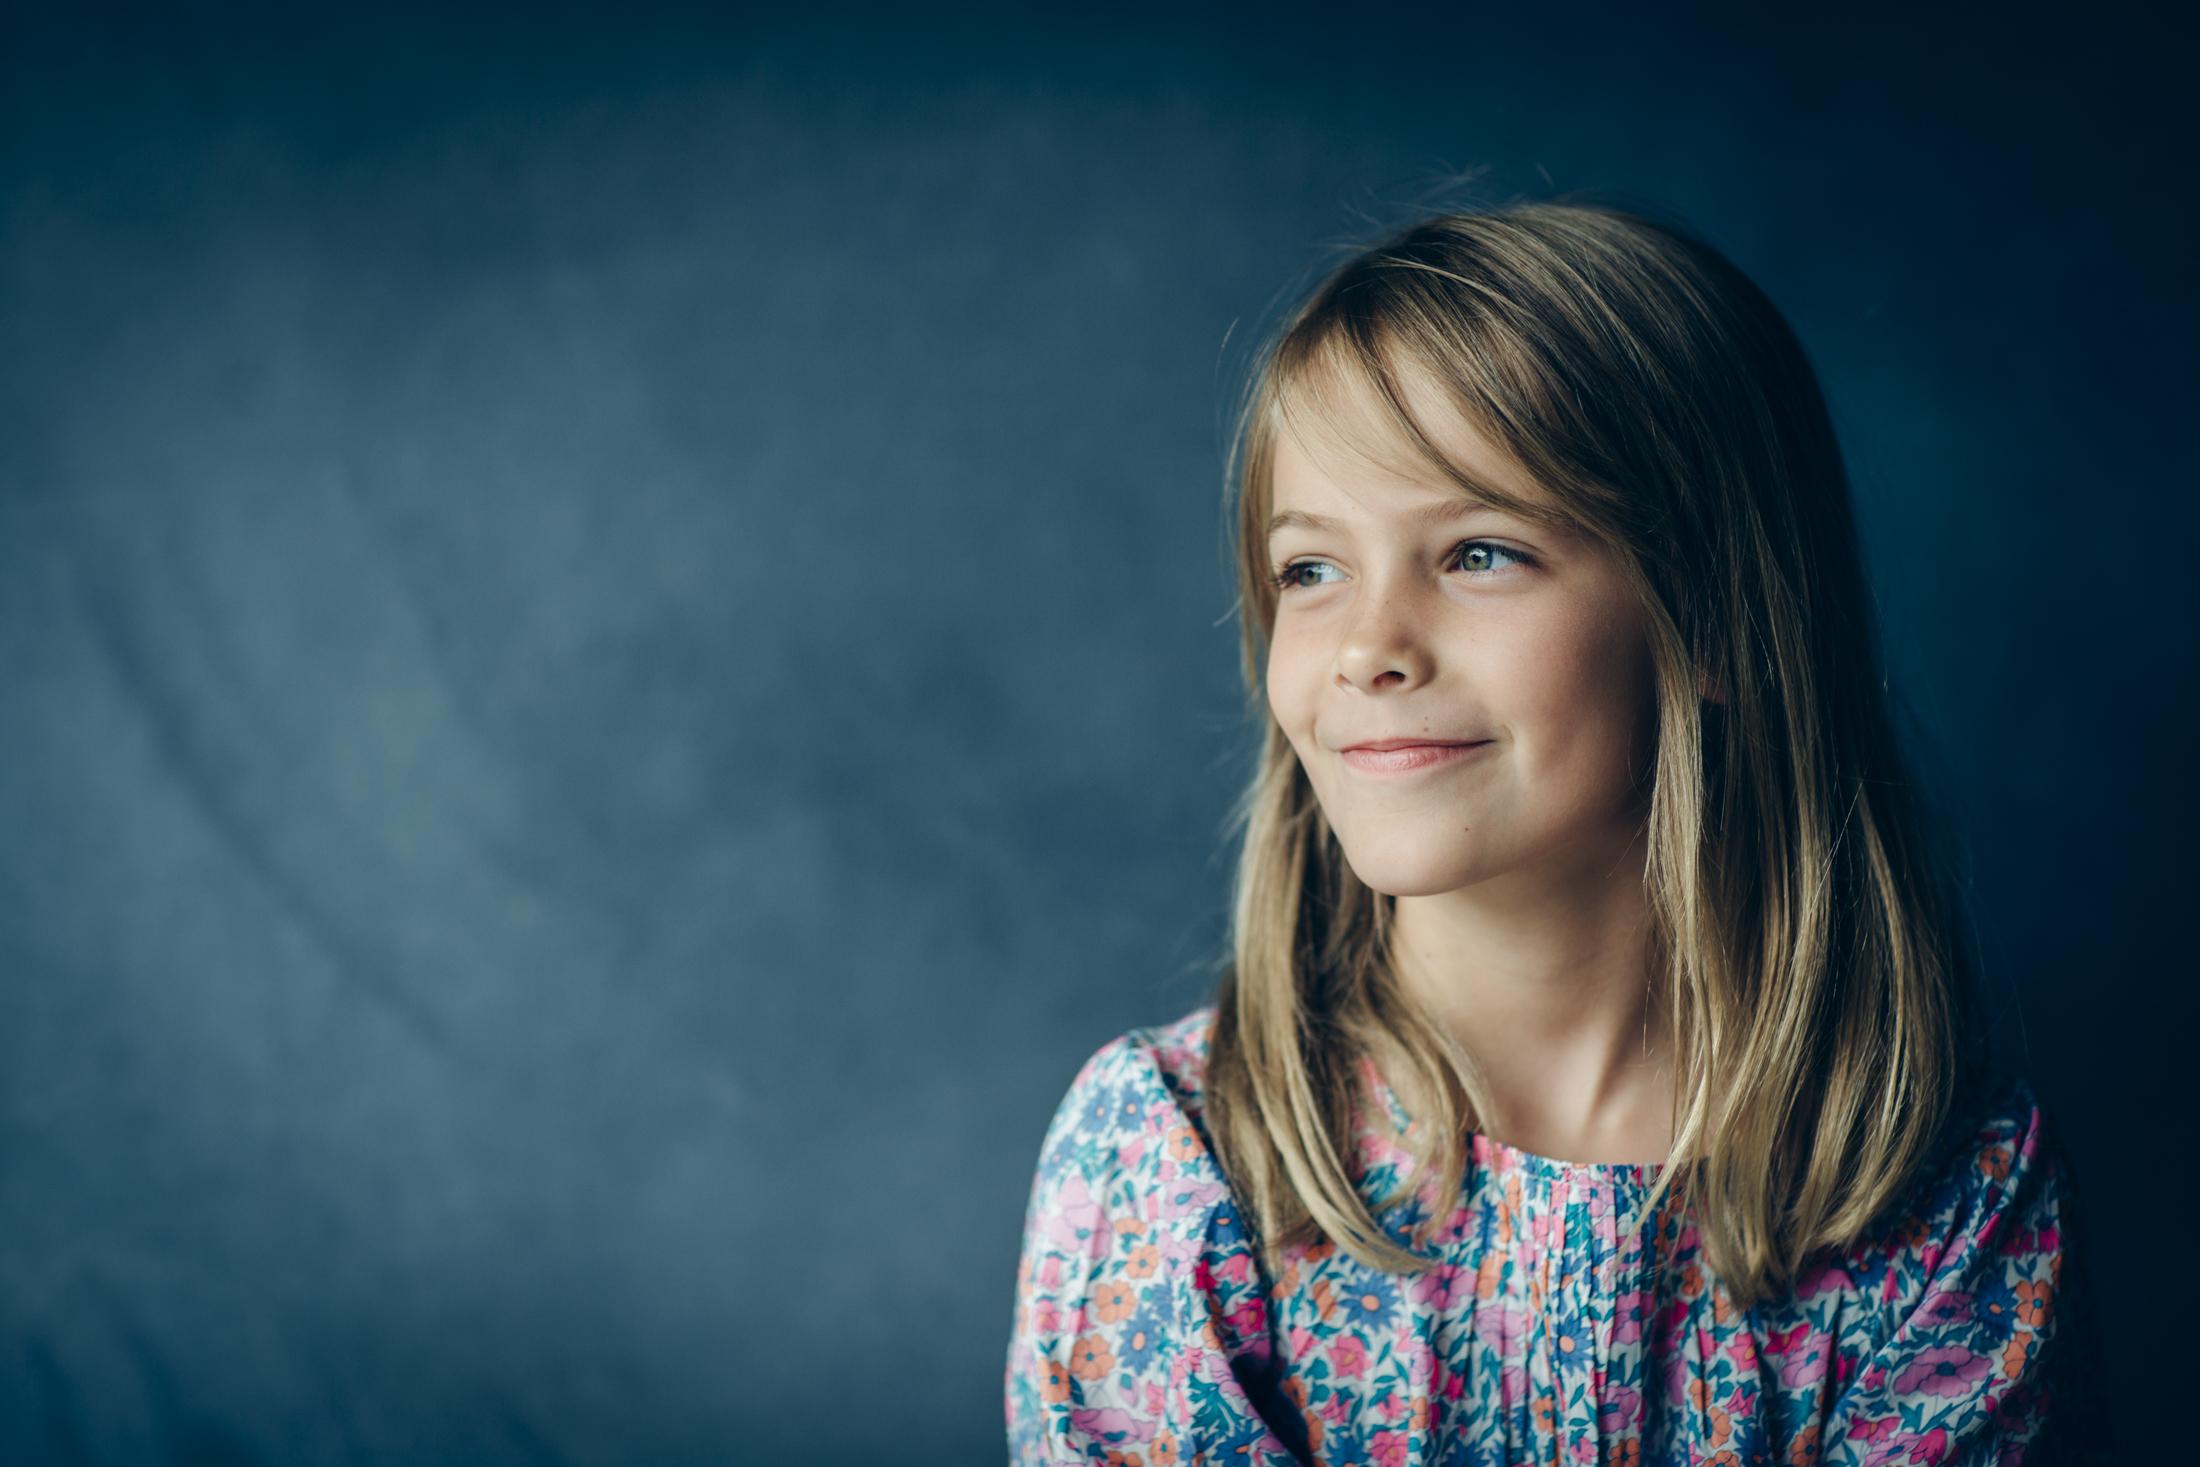 sydney_child_portrait_photgrapher_sheridan_nilsson-4704.jpg